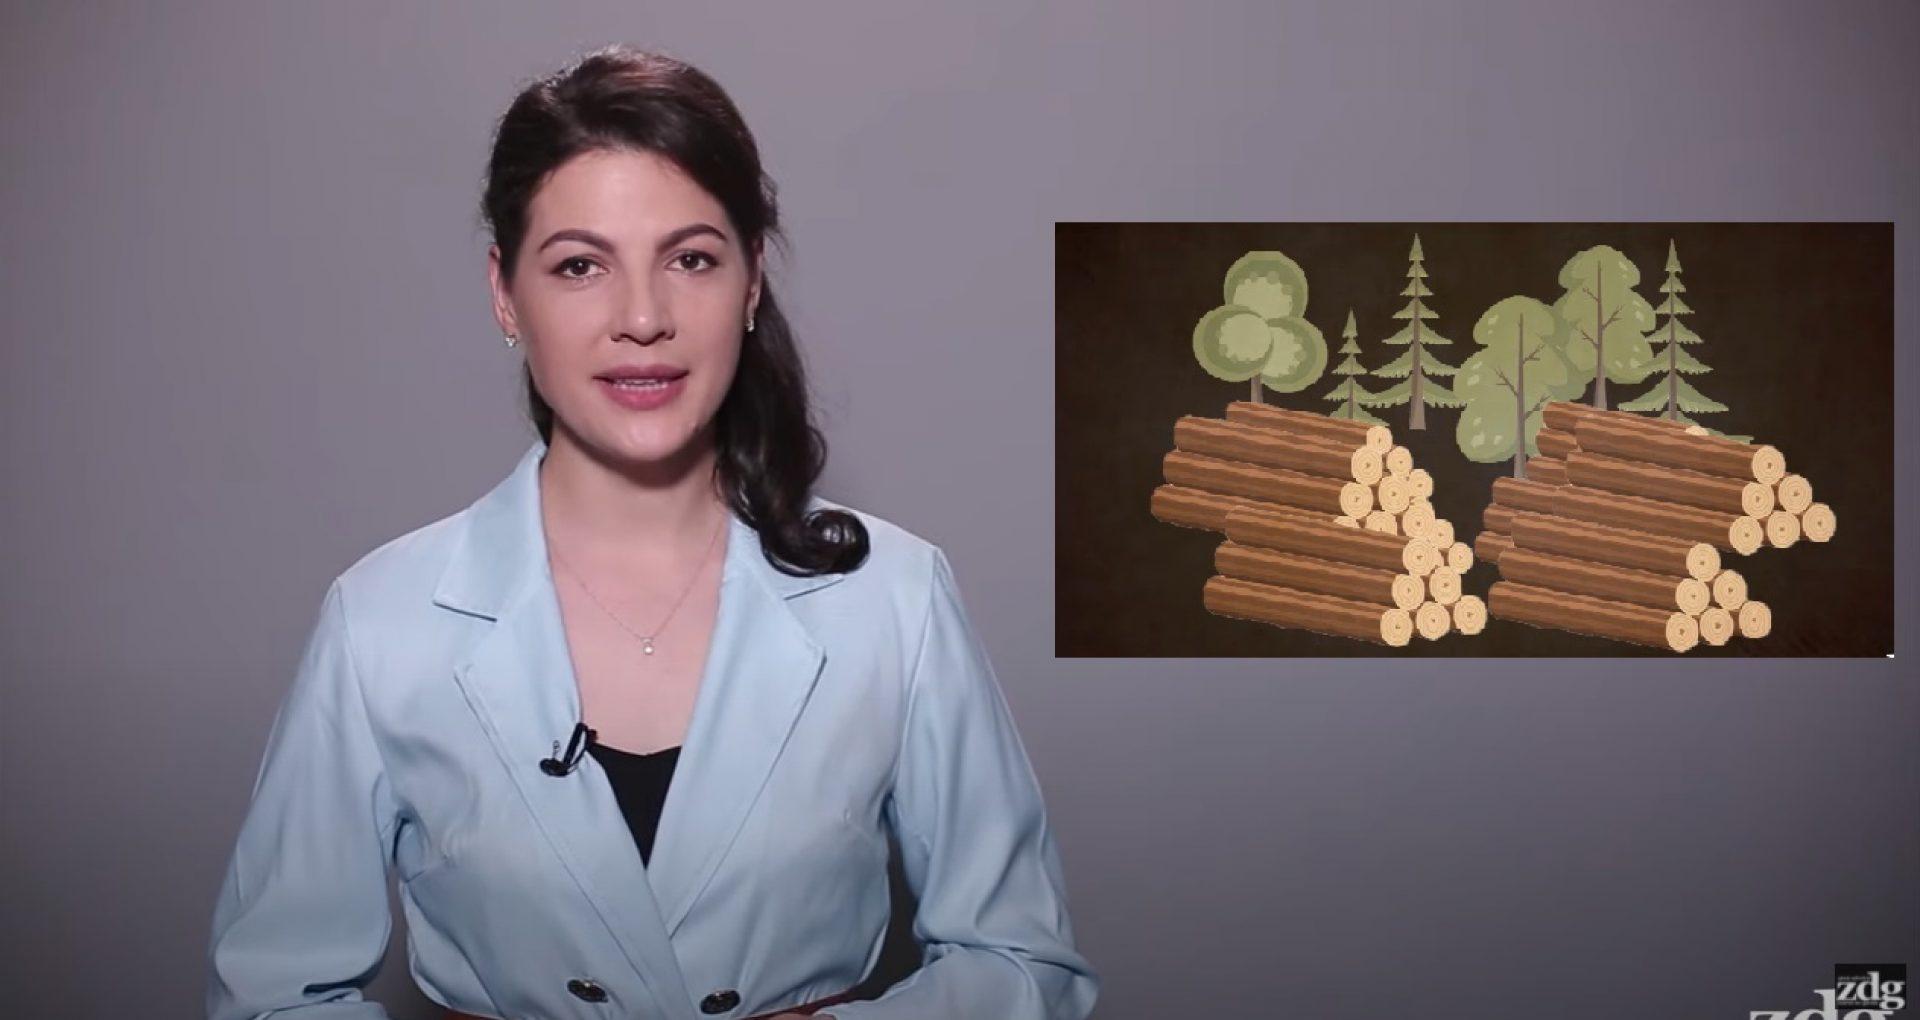 VIDEO/ Sinteza ZdG: Retrospectiva celor mai importante evenimente ale săptămânii. Ediția din 12 iunie 2021